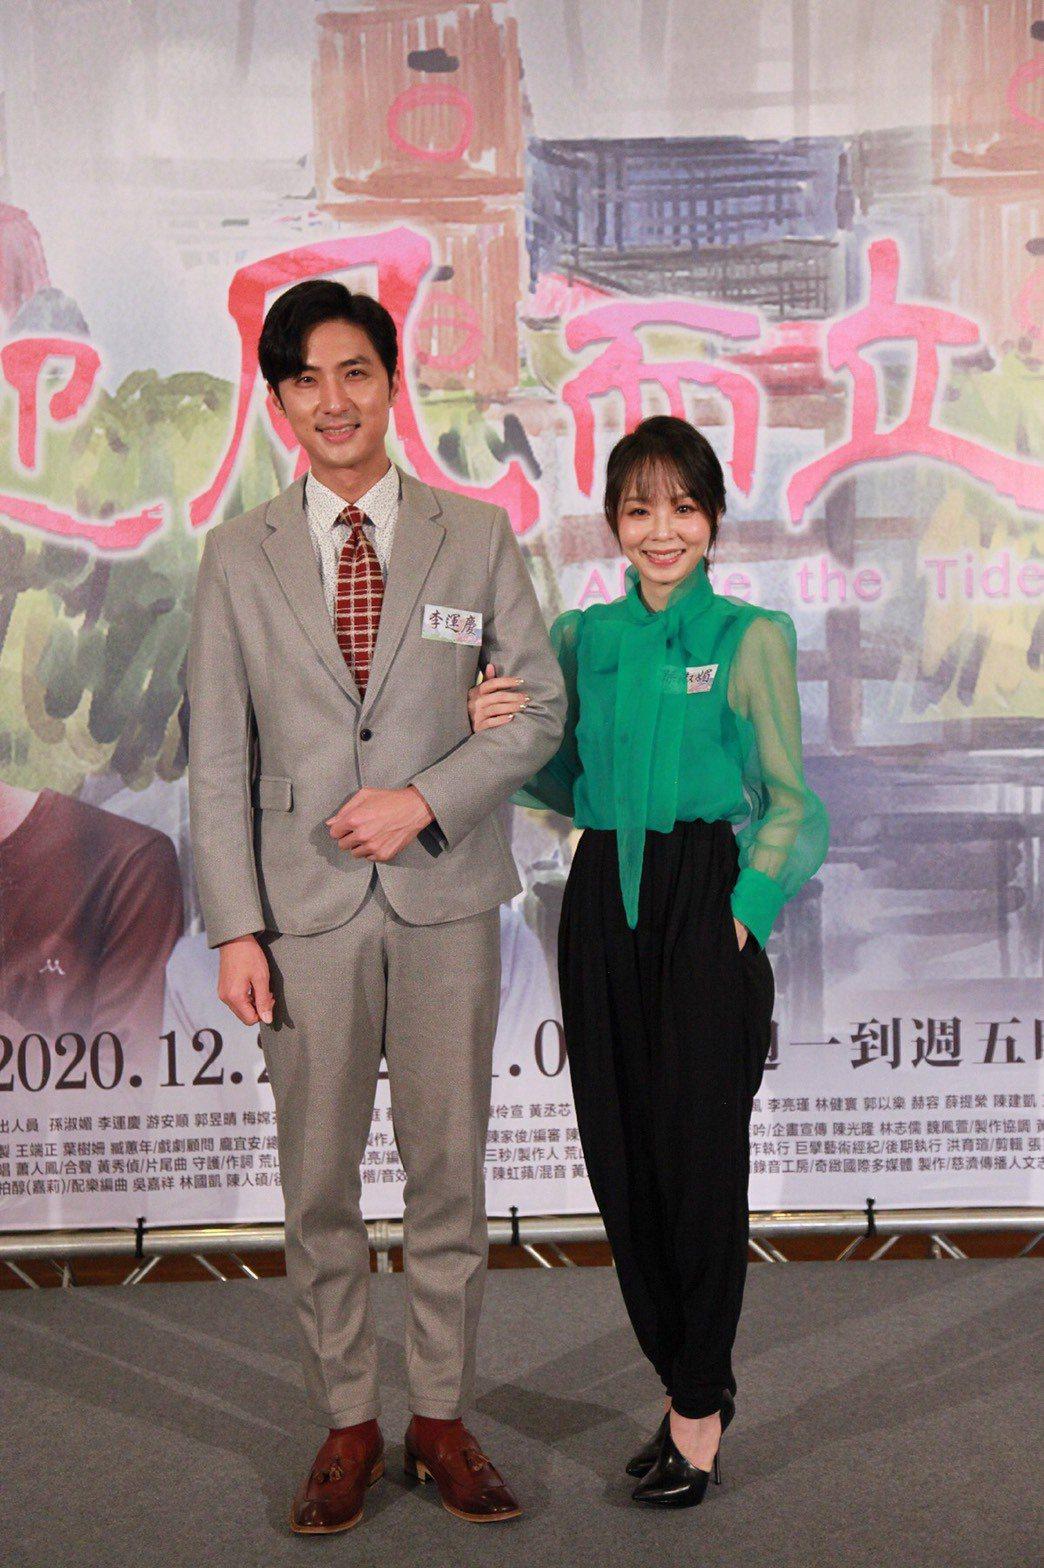 孫淑媚(右)、李運慶在「迎風而立」中飾演夫妻。圖/大愛提供